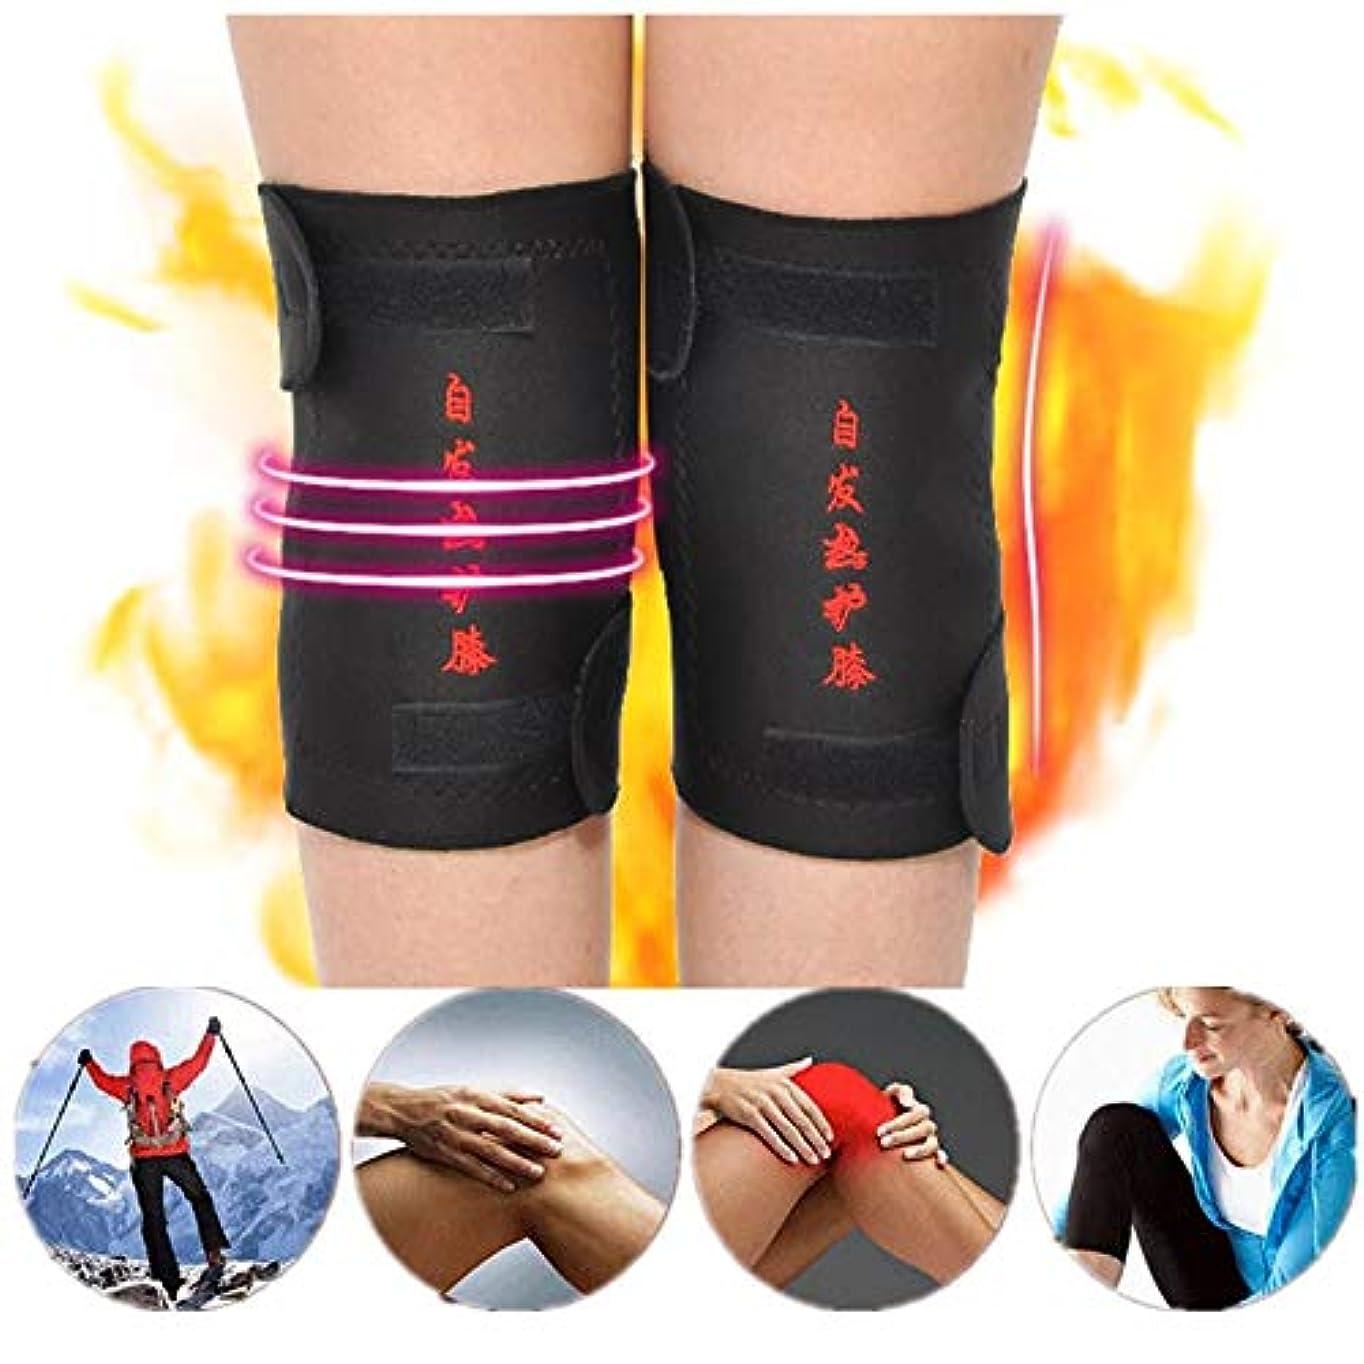 酒敬意を表する正当化する1 ペア 毎日健康 ケア 膝の痛み救済傷害捻挫自己加熱された膝 パッド 付き磁気治療内部加熱膝 パッド